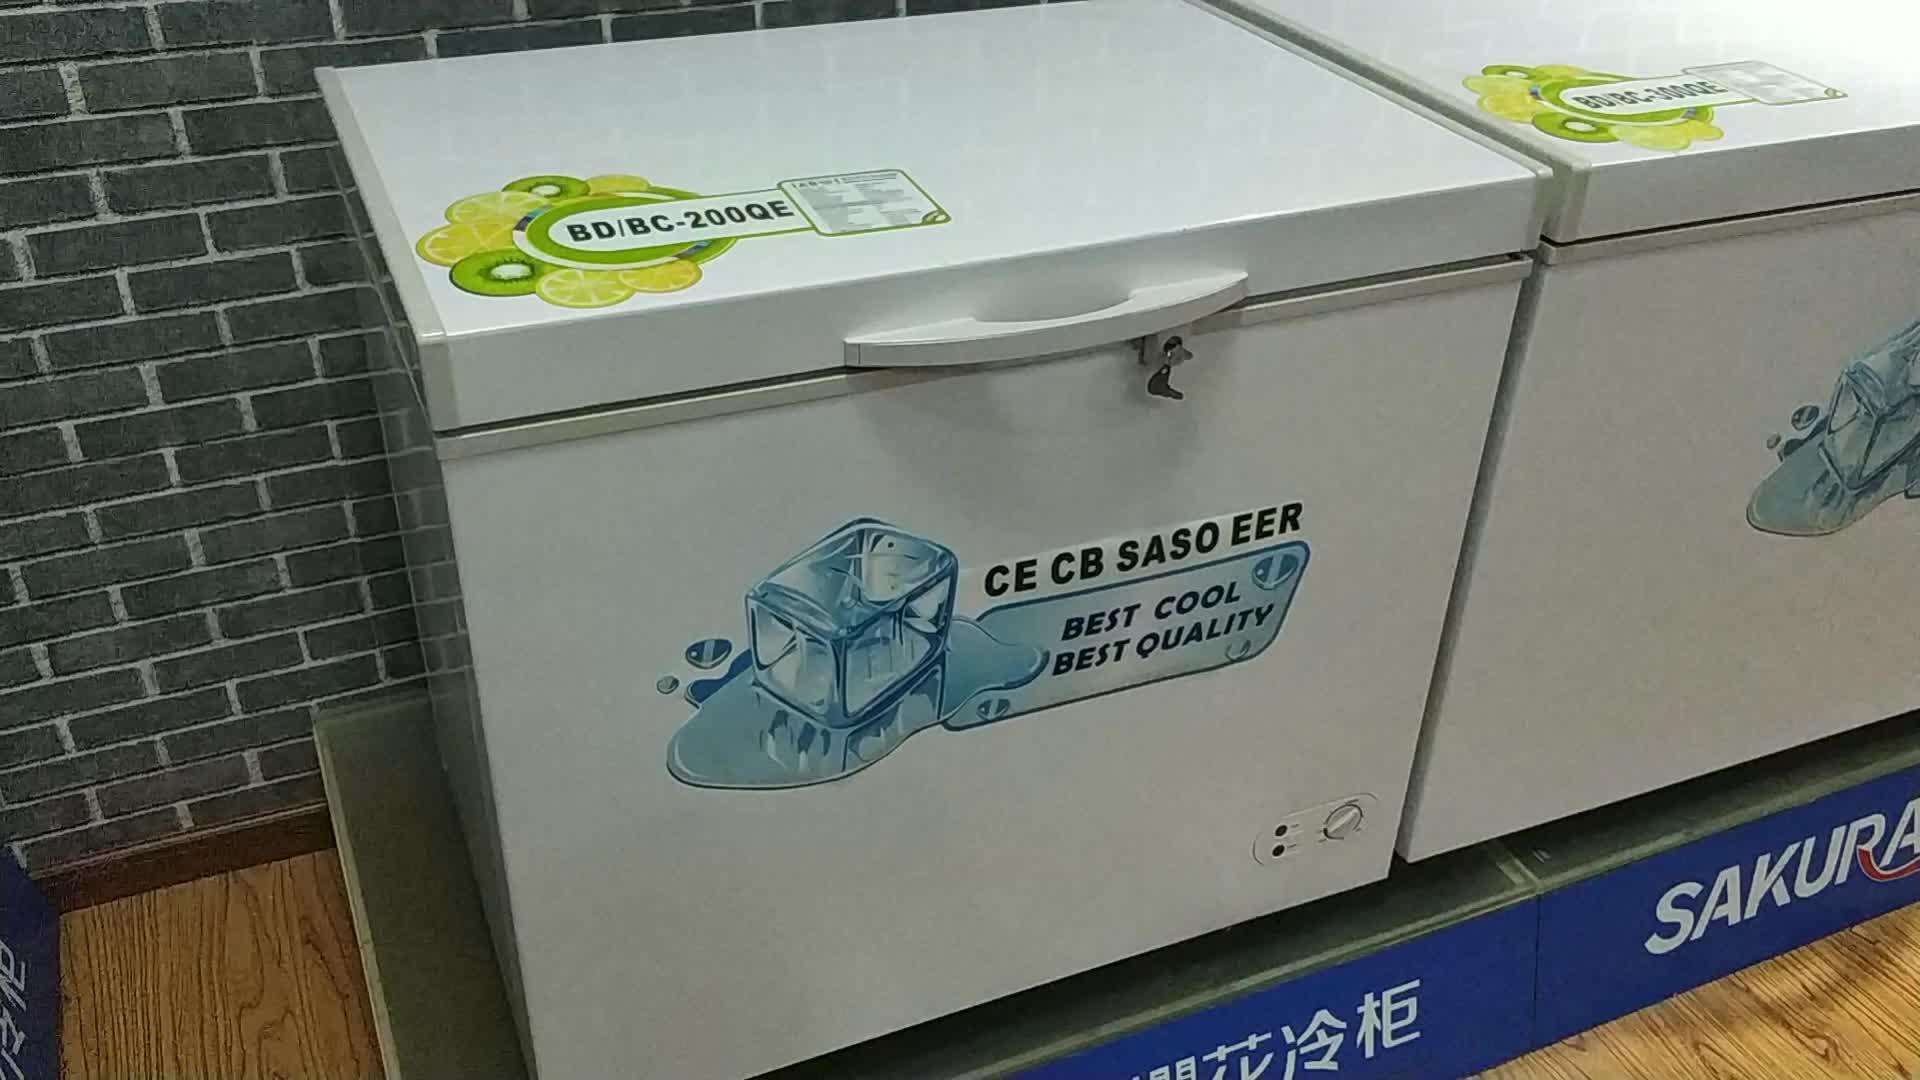 BERING BD/BC-200QE 200L Chest Freezer top open door